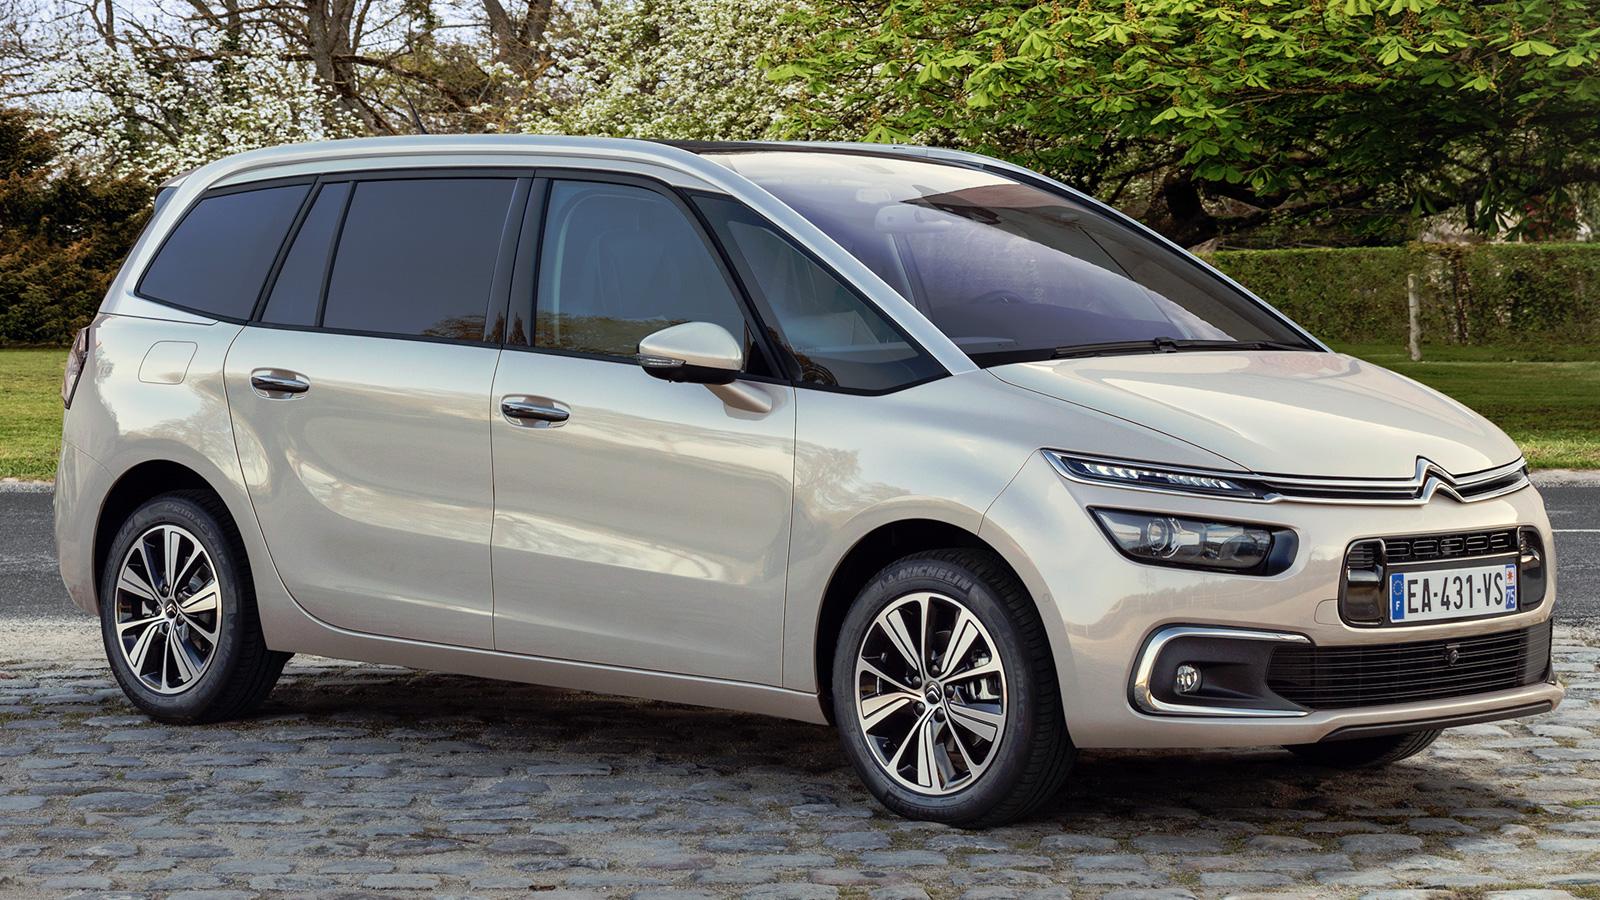 Купить продать Audi в ПМР Приднестровье АвтоДнестрКом